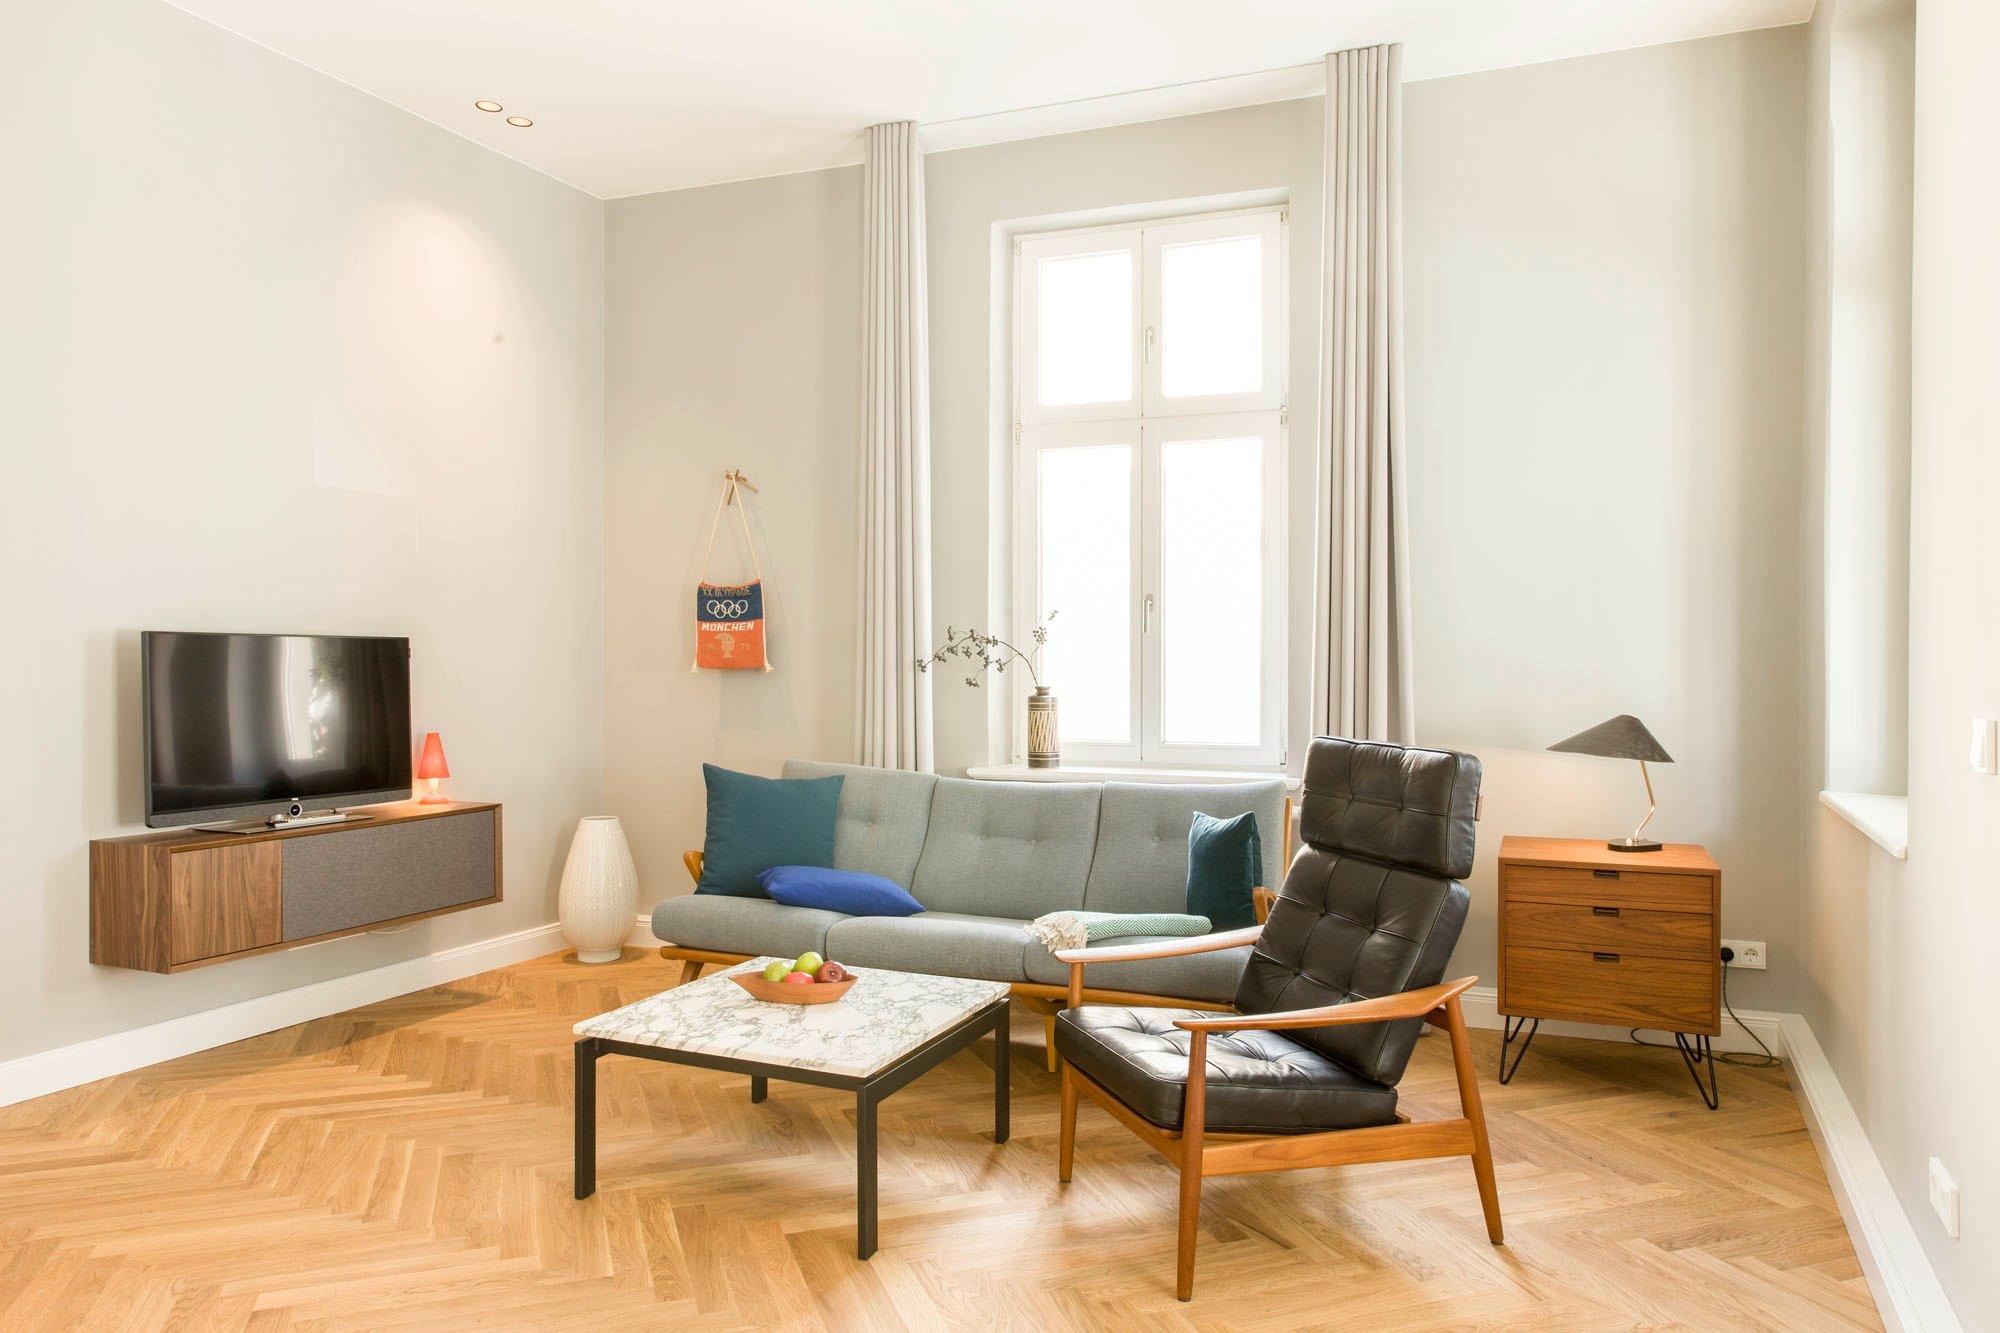 Apartment 2 – 90,68 Quadratmeter. Mit zwei Schlafzimmern, Wohnzimmer, Loggia, Küche und Terrasse.